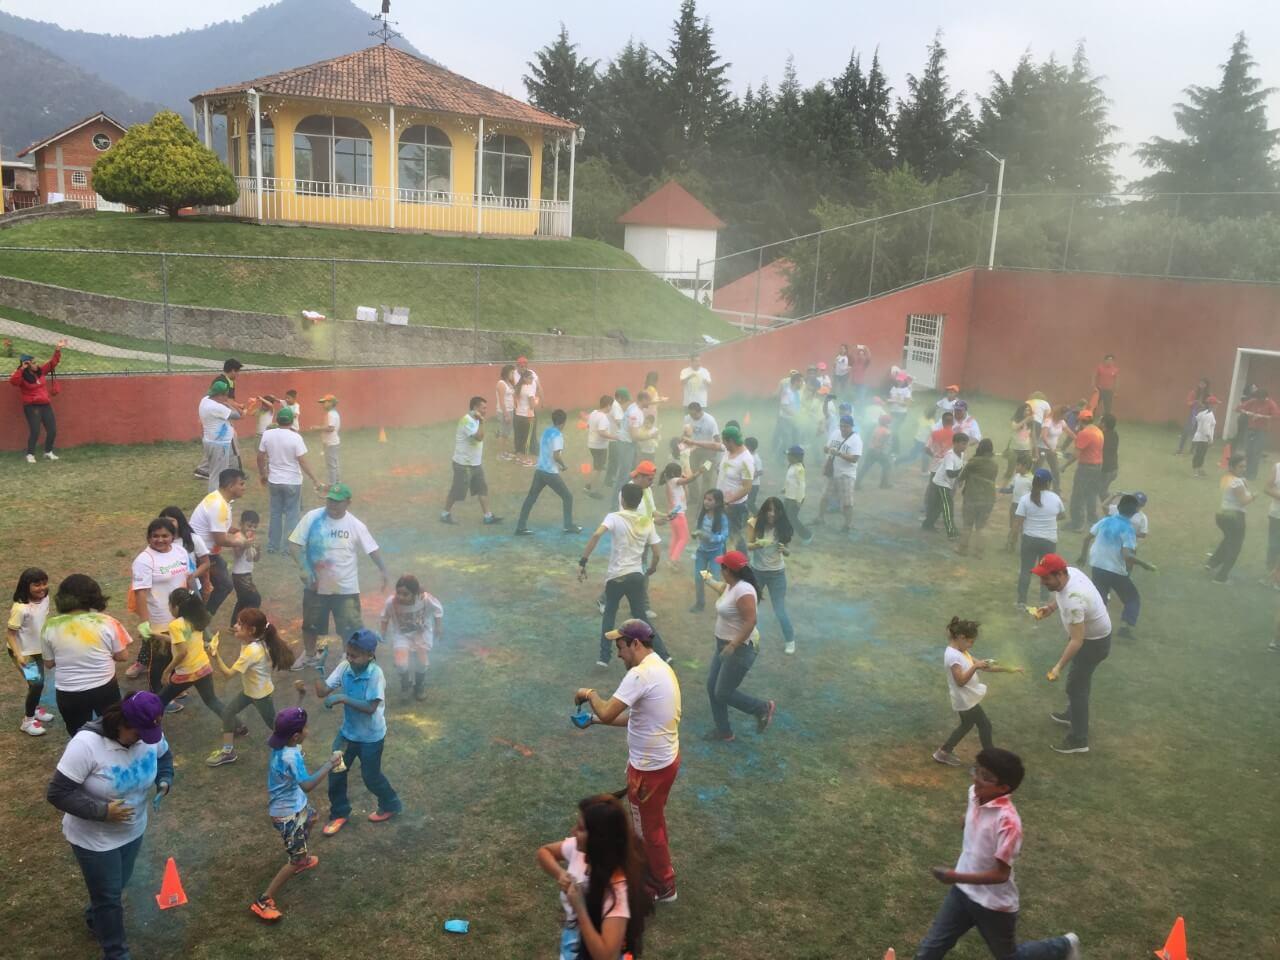 actividades recreativas que ayudan al desarrollo de los niños